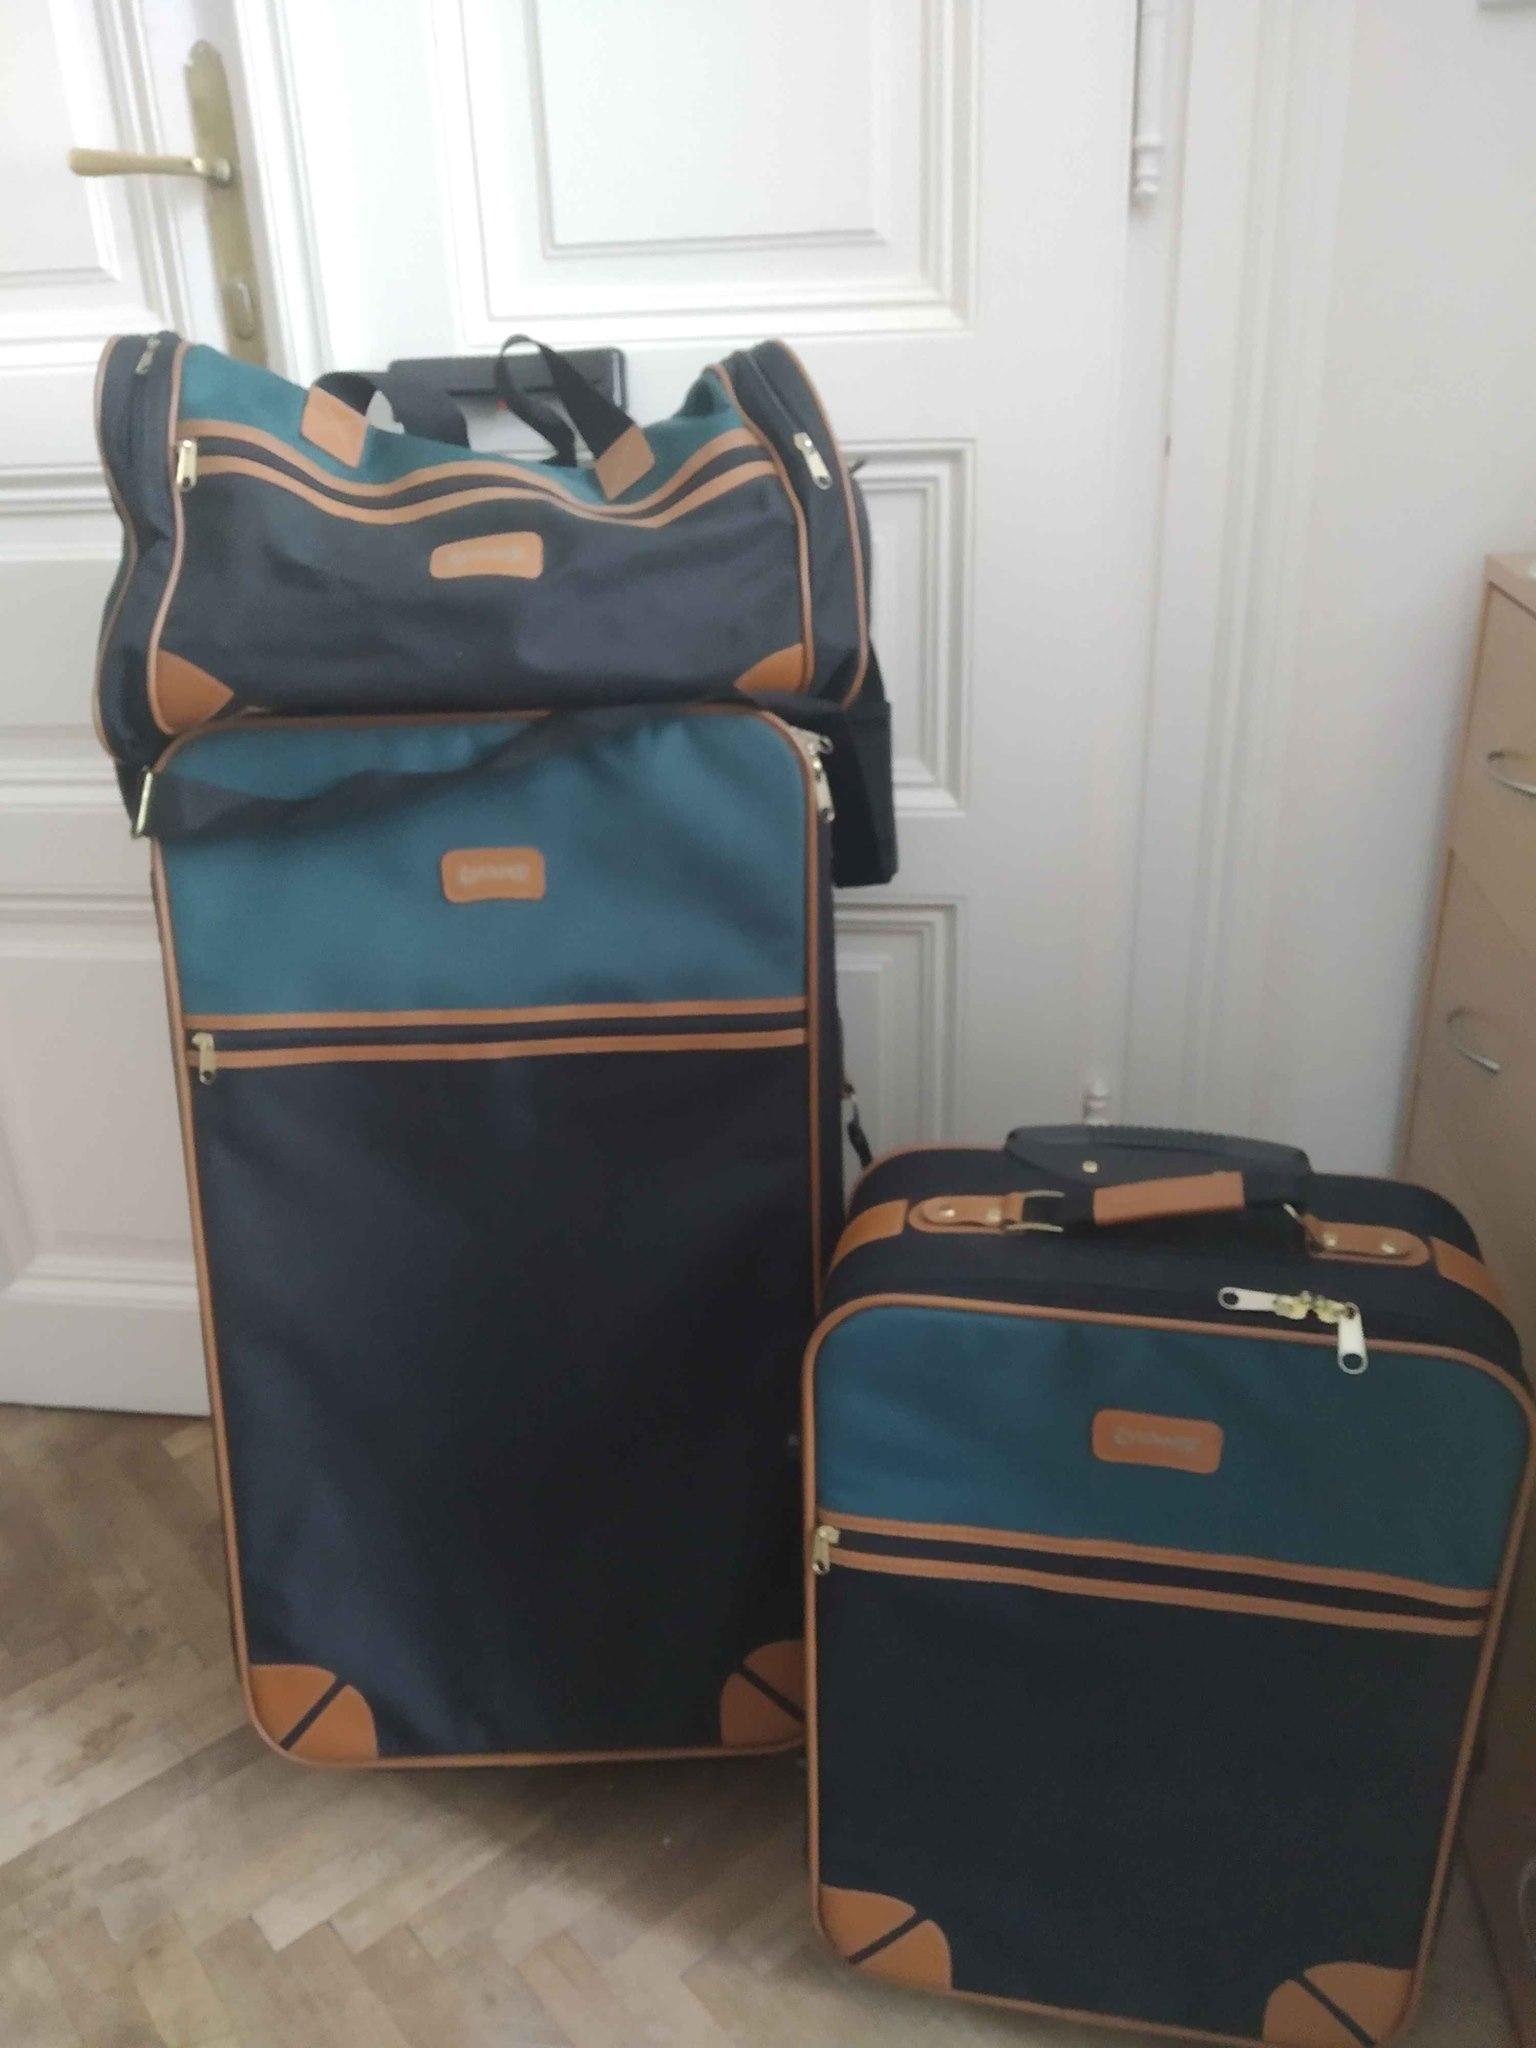 Pojištění zavazadel - na co se vztahuje? Pravidla Cestování